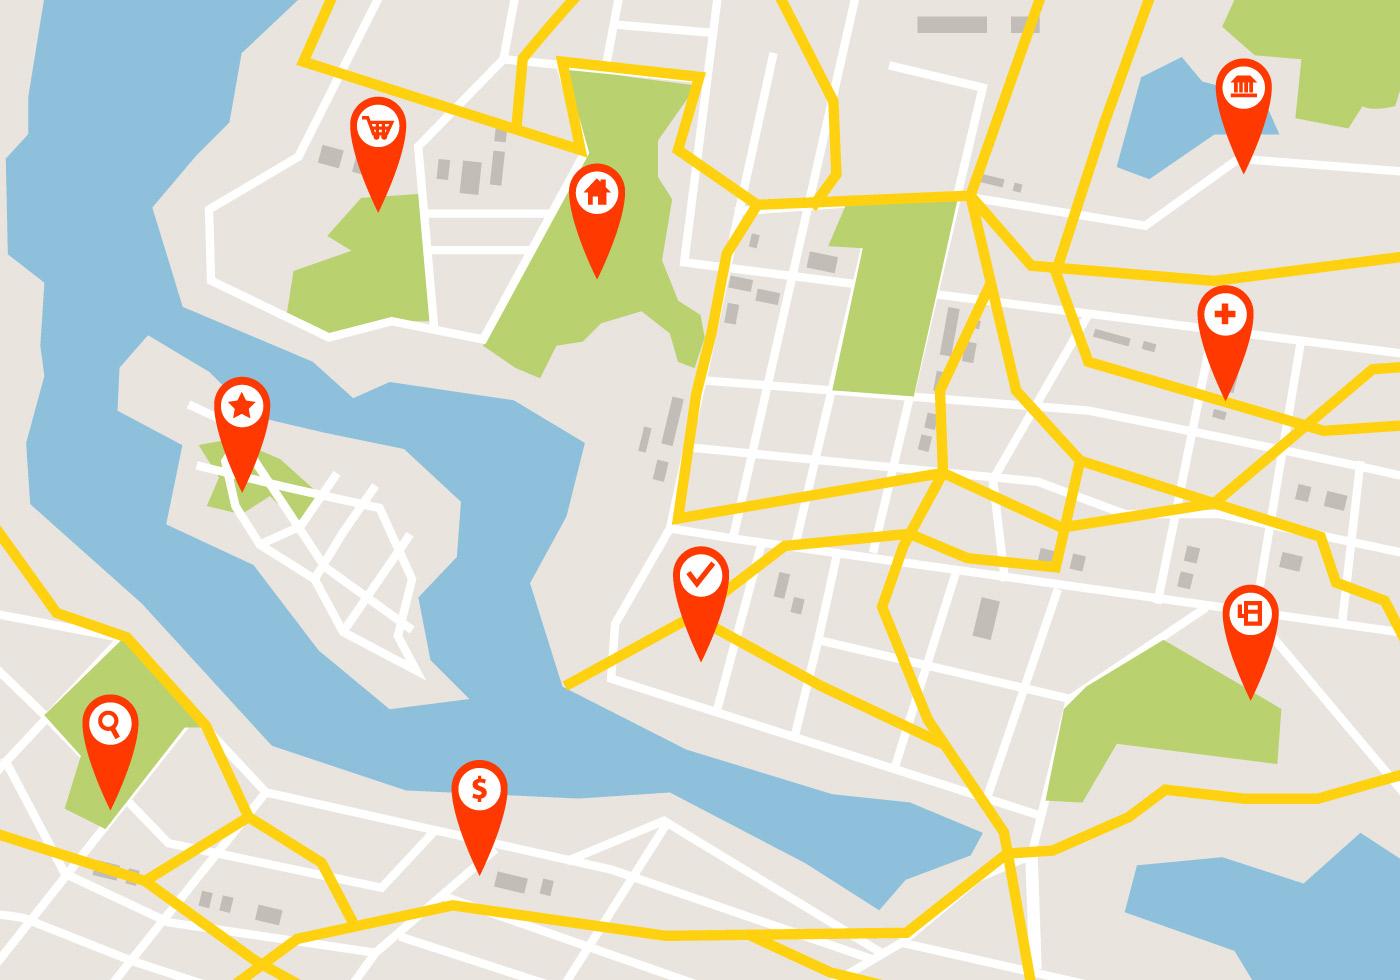 Mapa De Localizacao Do Roadmap Download Vetores Gratis Desenhos De Vetor Modelos E Clipart